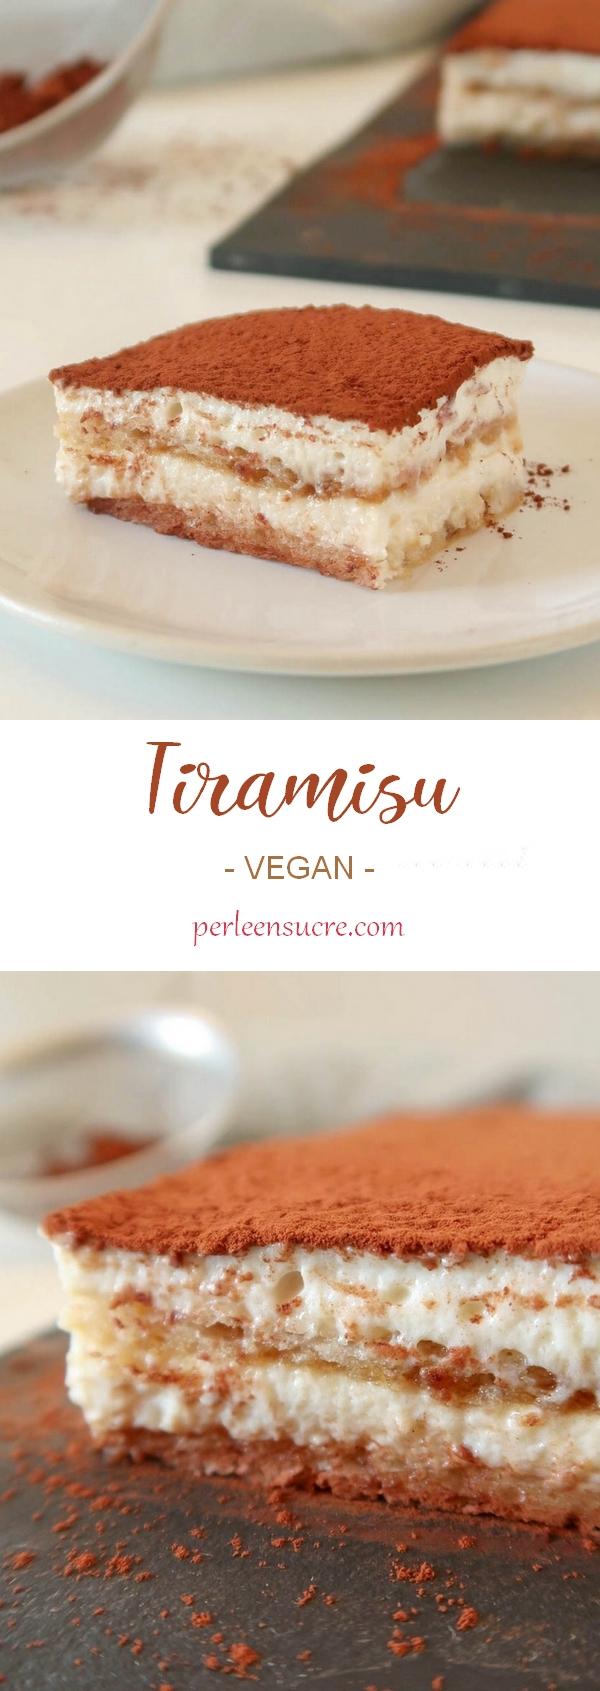 Tiramisu sans lactose et sans oeufs {vegan}